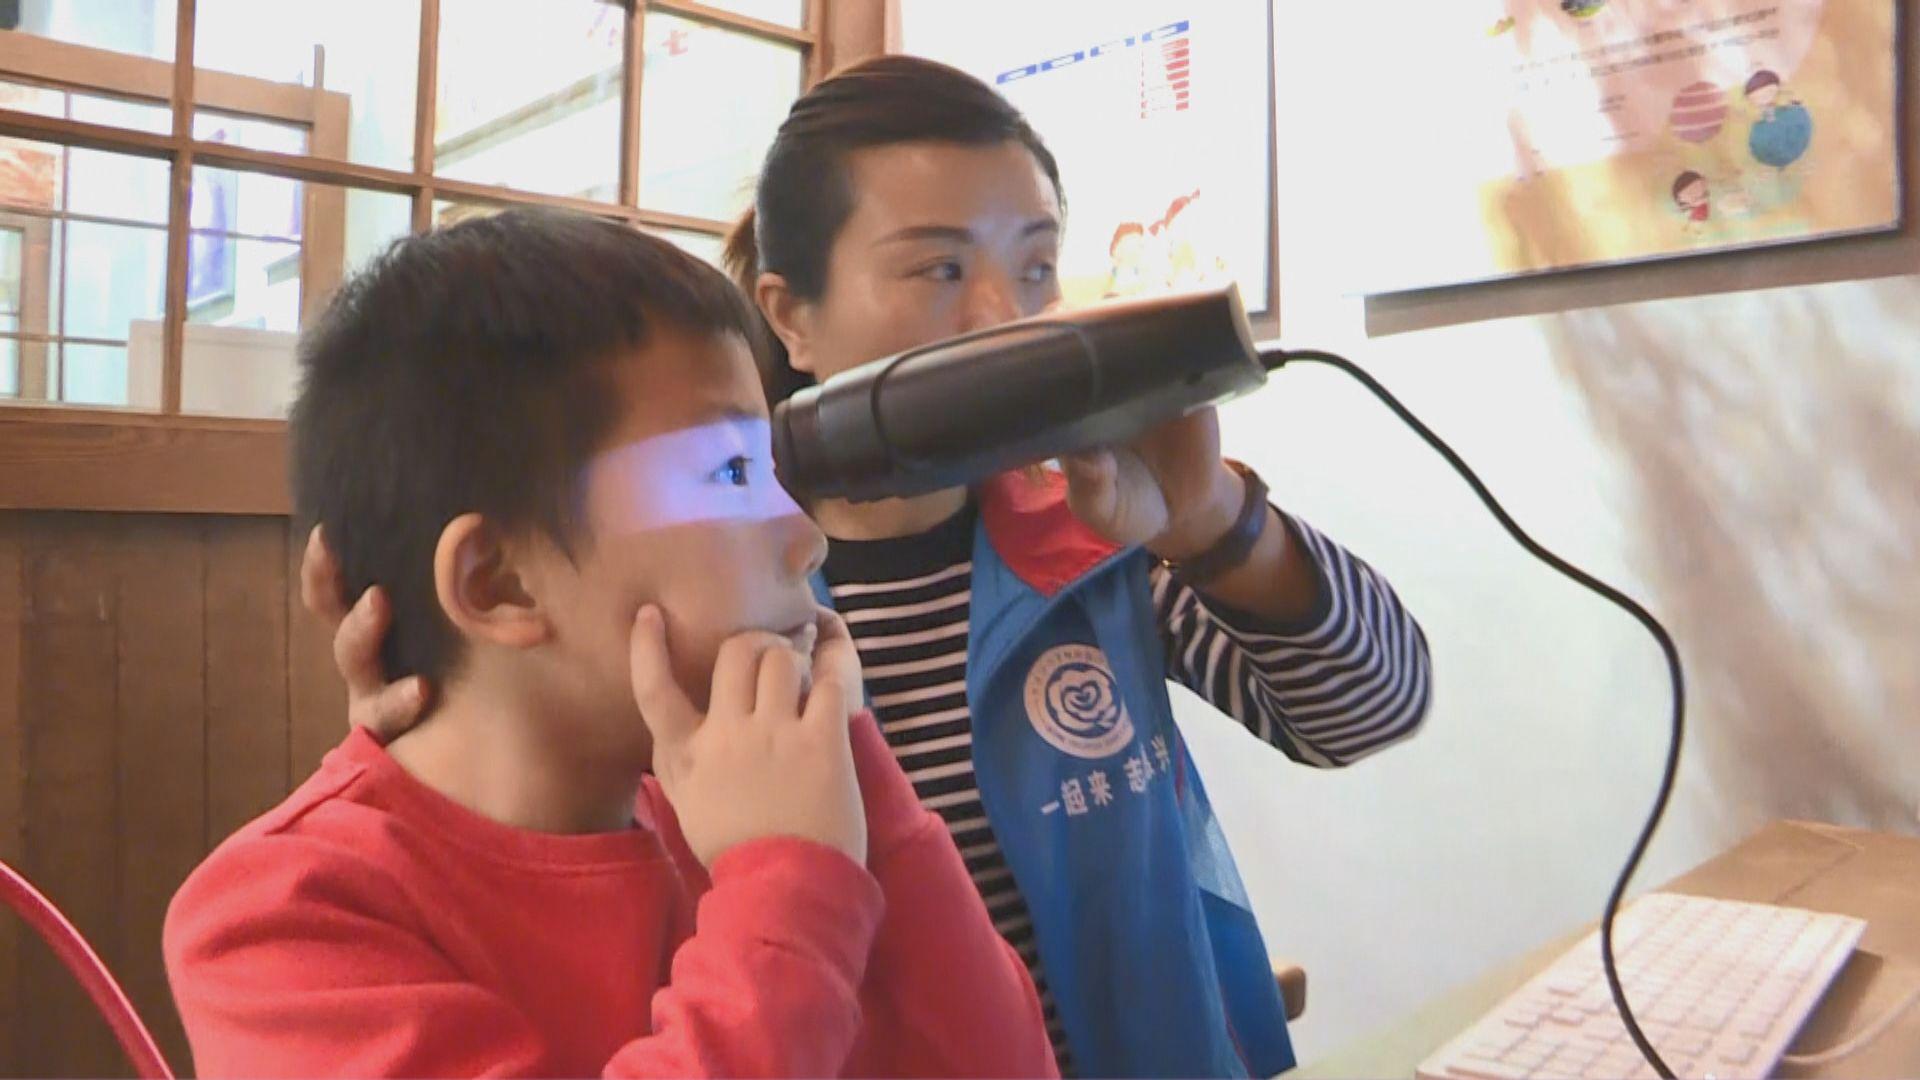 【首都專線】收集兒童眼睛虹膜信息防拐賣